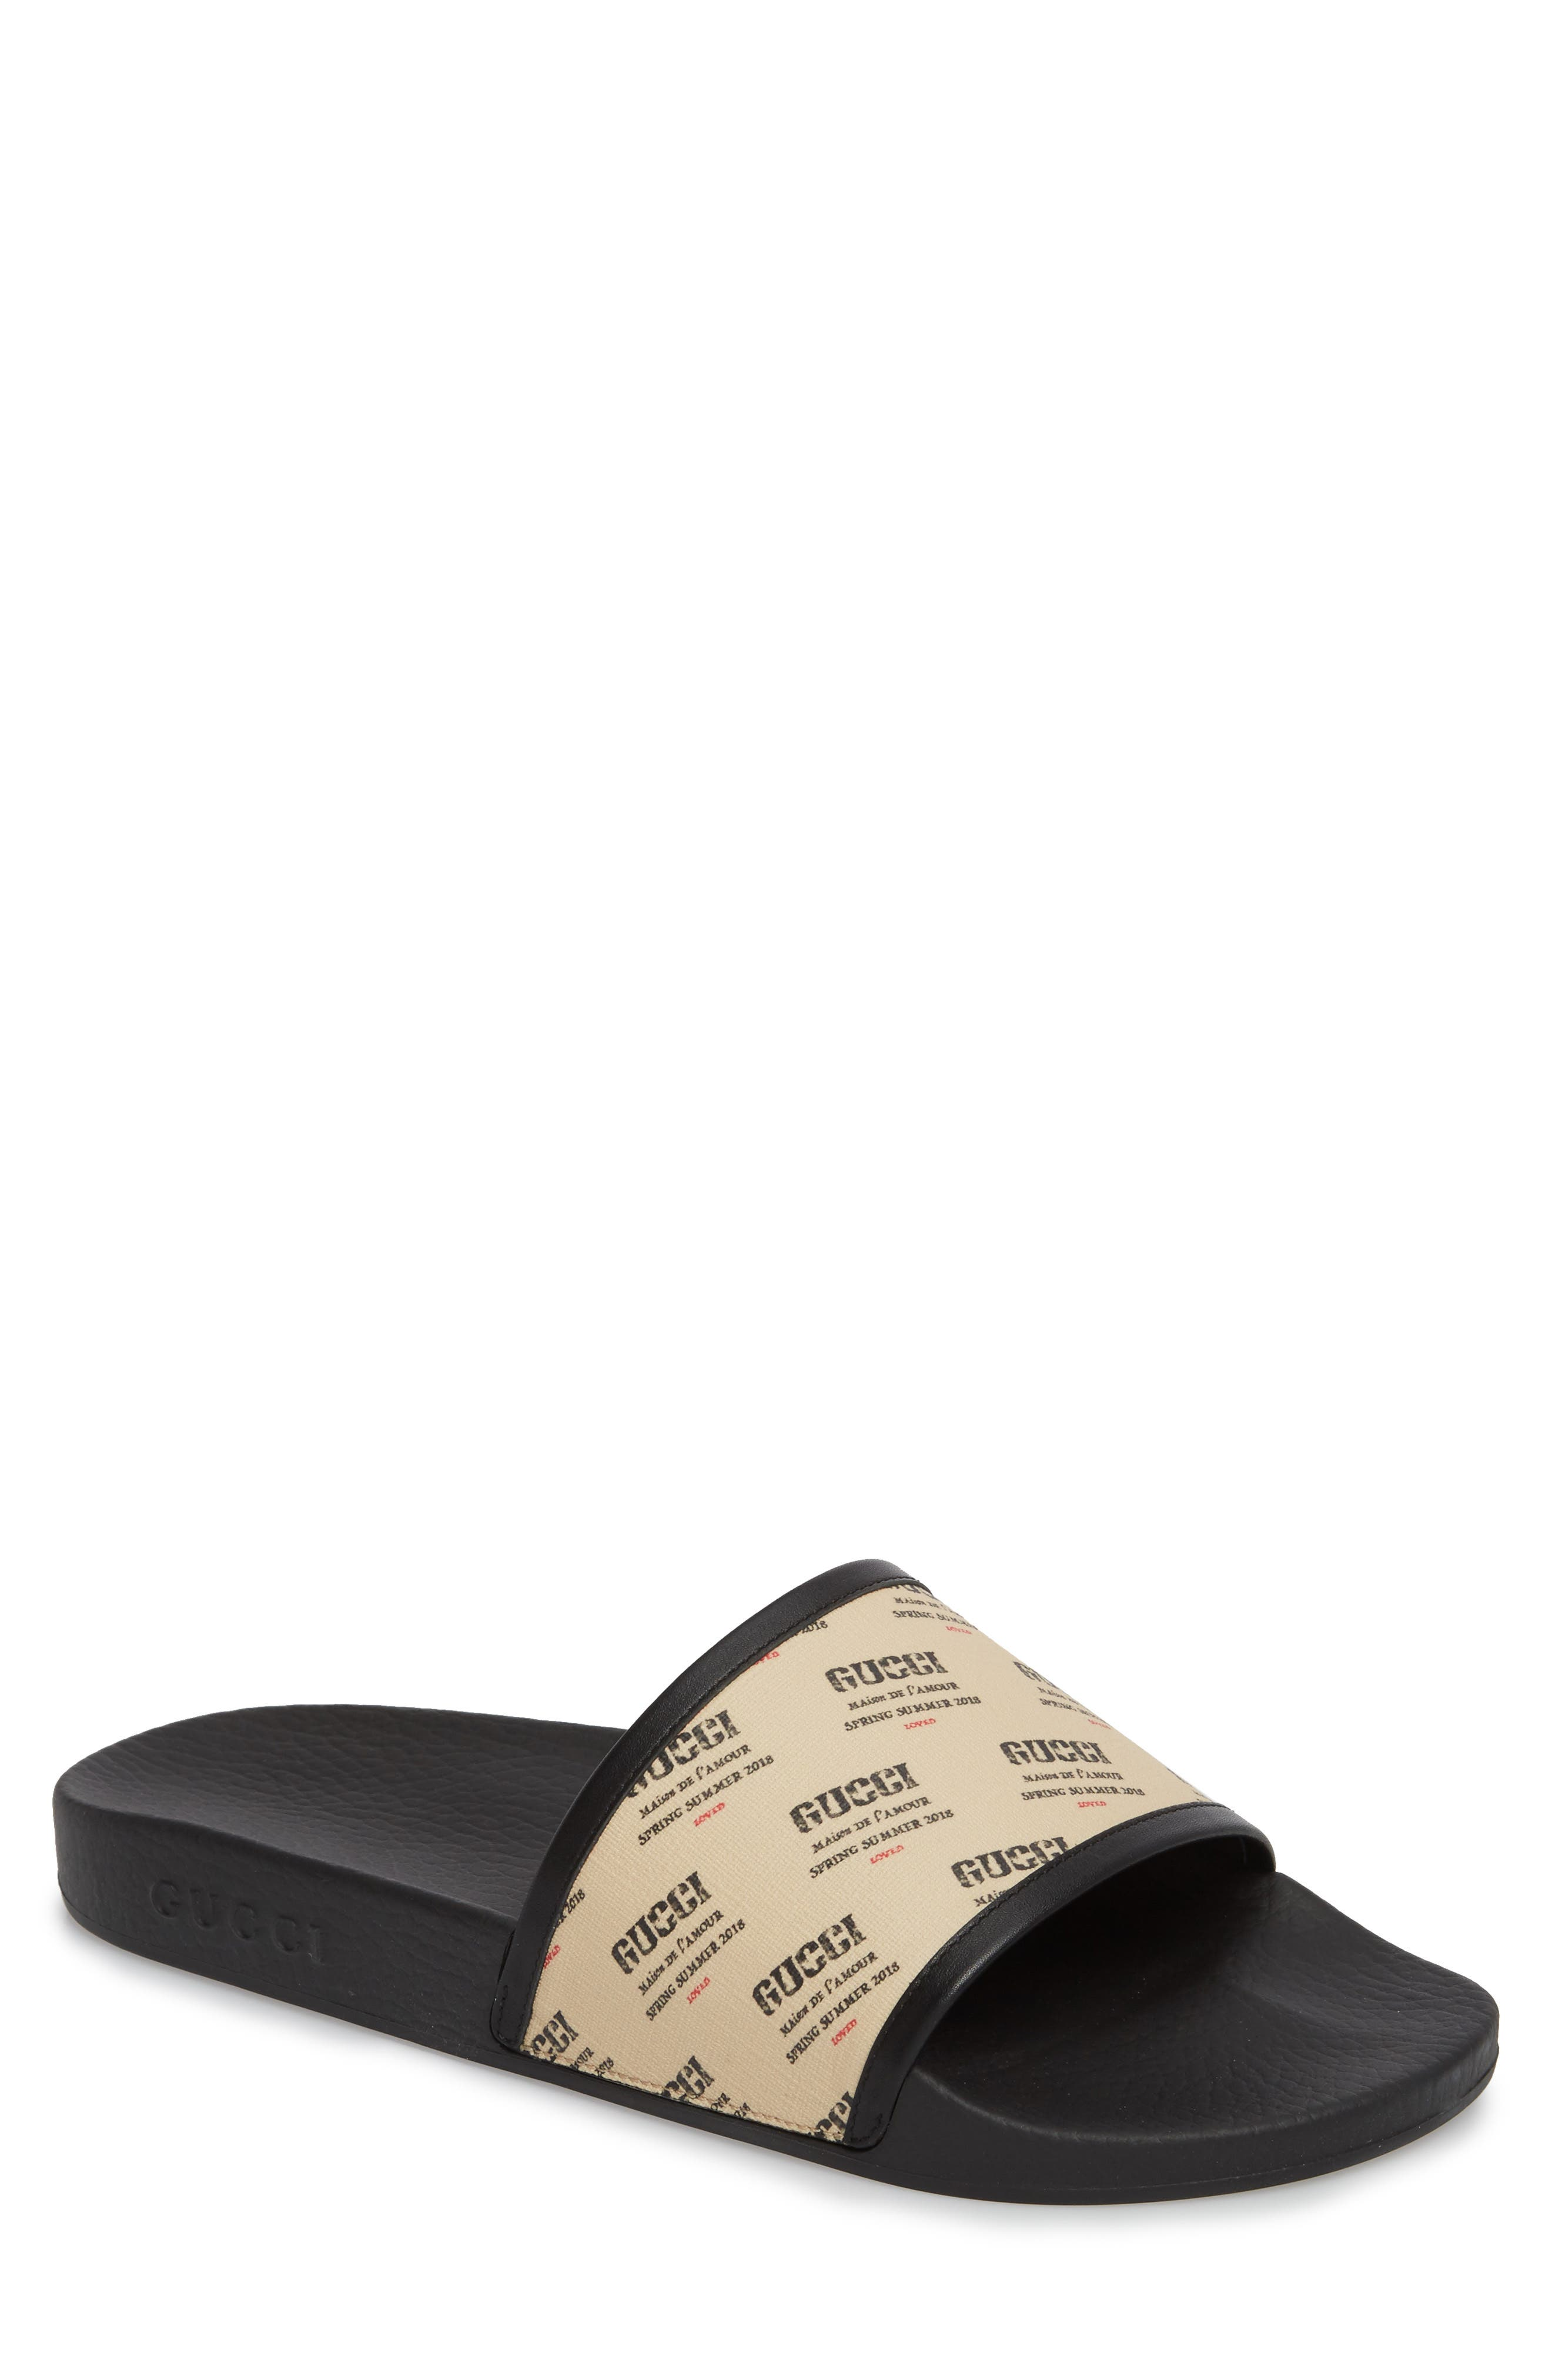 Invite Slide Sandal,                             Main thumbnail 1, color,                             Black Patino